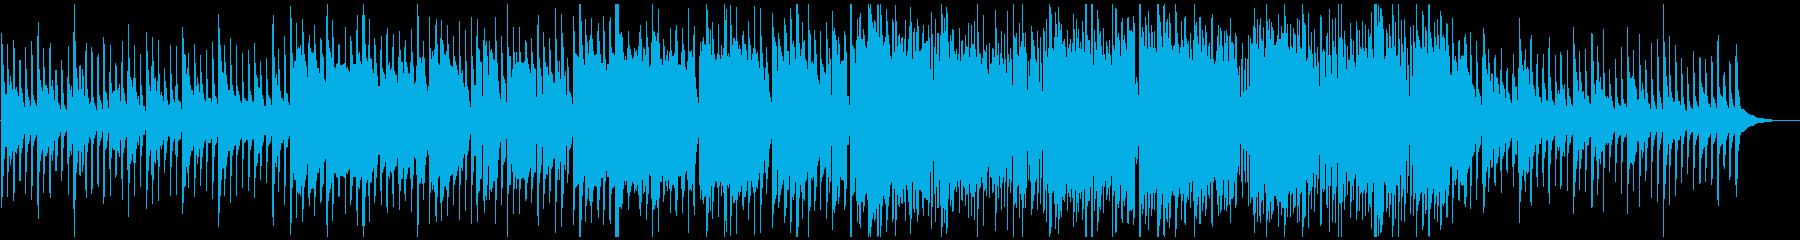 ファンタジー系の町並みのようなキラキラ曲の再生済みの波形